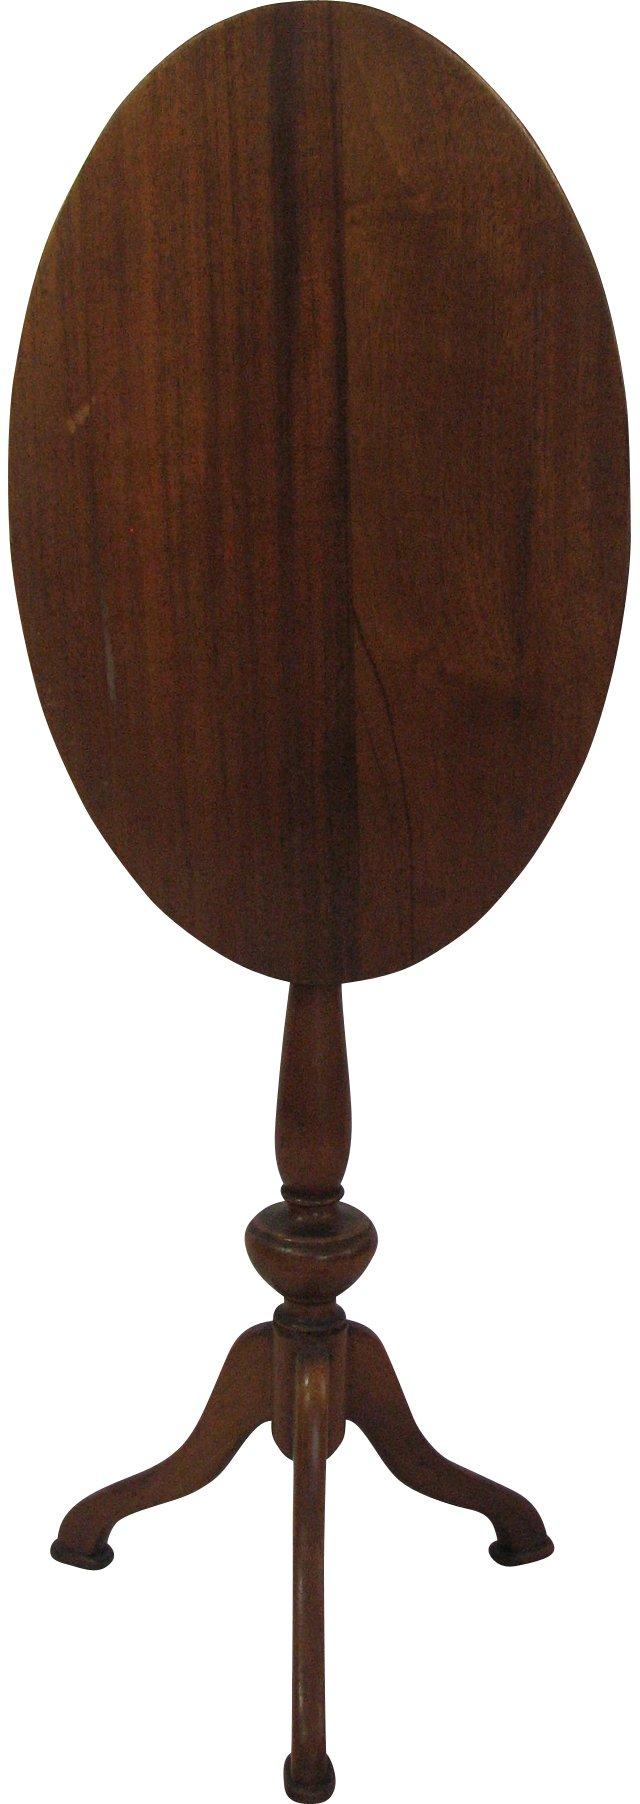 19th-C. English Tilt-Top Table